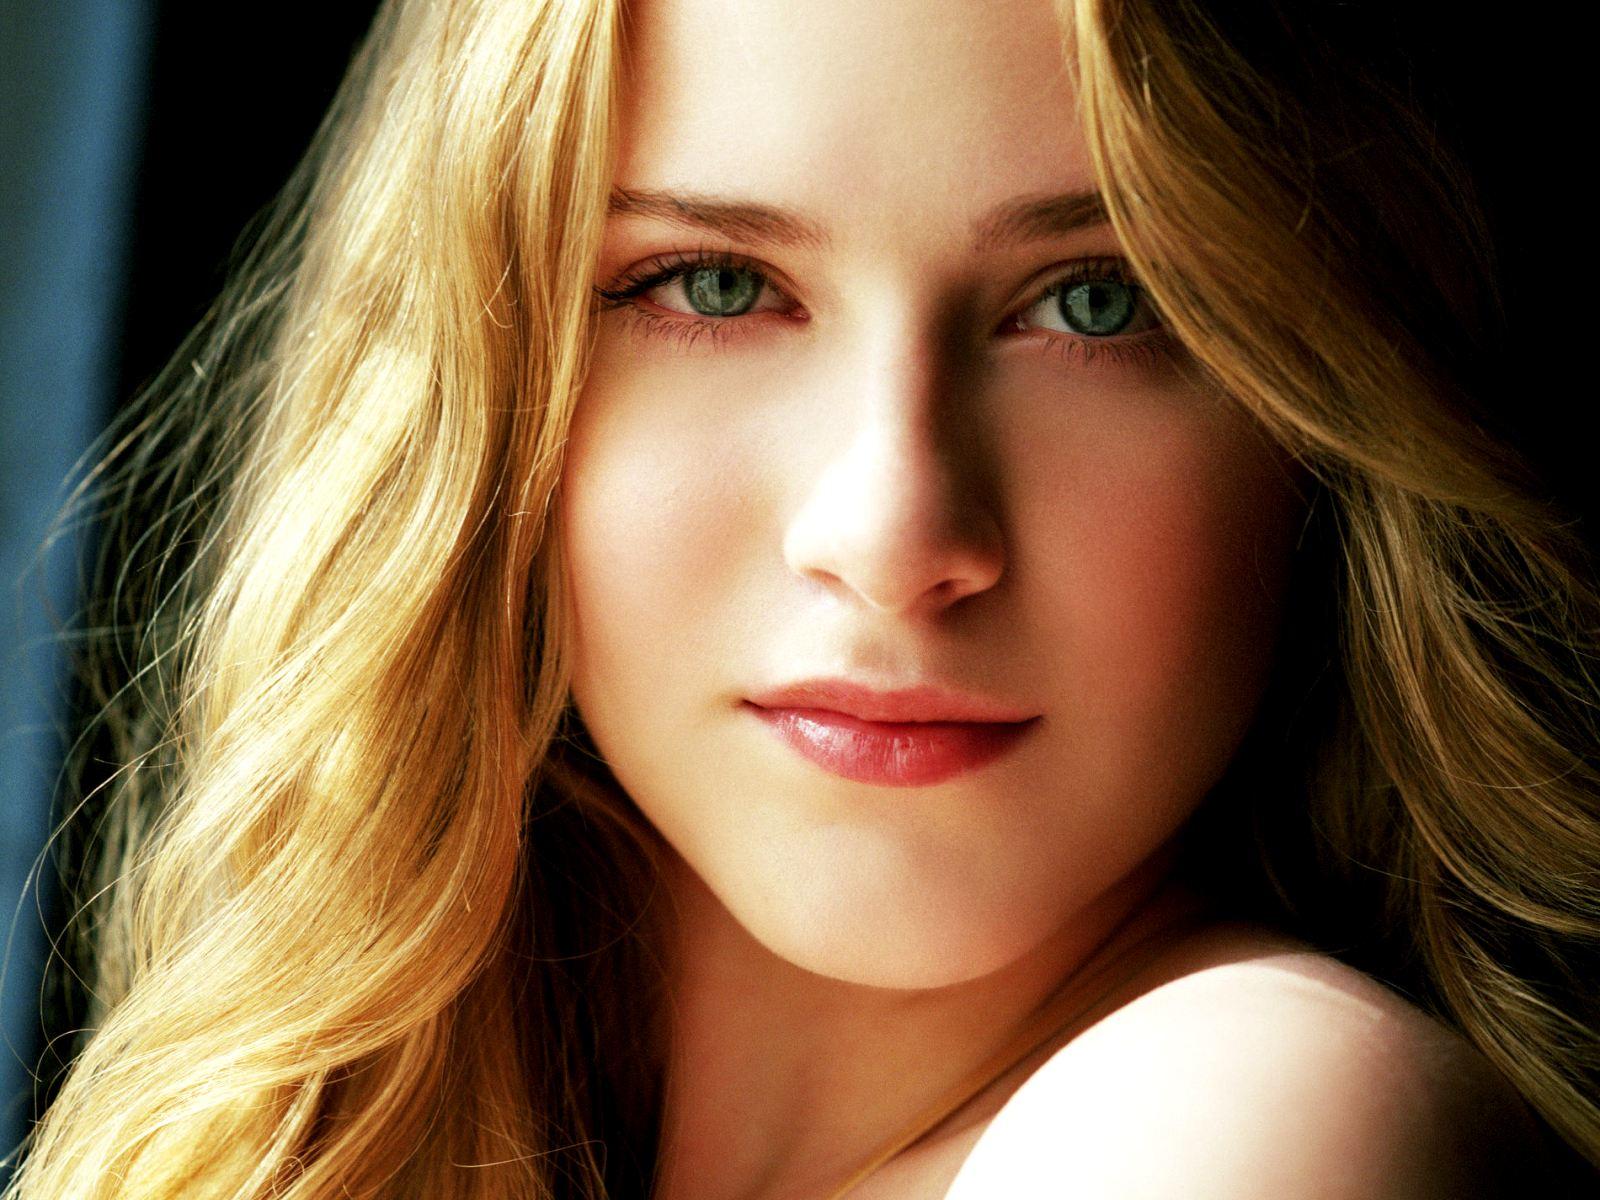 http://2.bp.blogspot.com/-8QHCPrhcQRk/UM7_SUPAR8I/AAAAAAAAHFw/dq1FqRdybV0/s1600/actress%2BEvan%2BRachel%2BWood.jpg